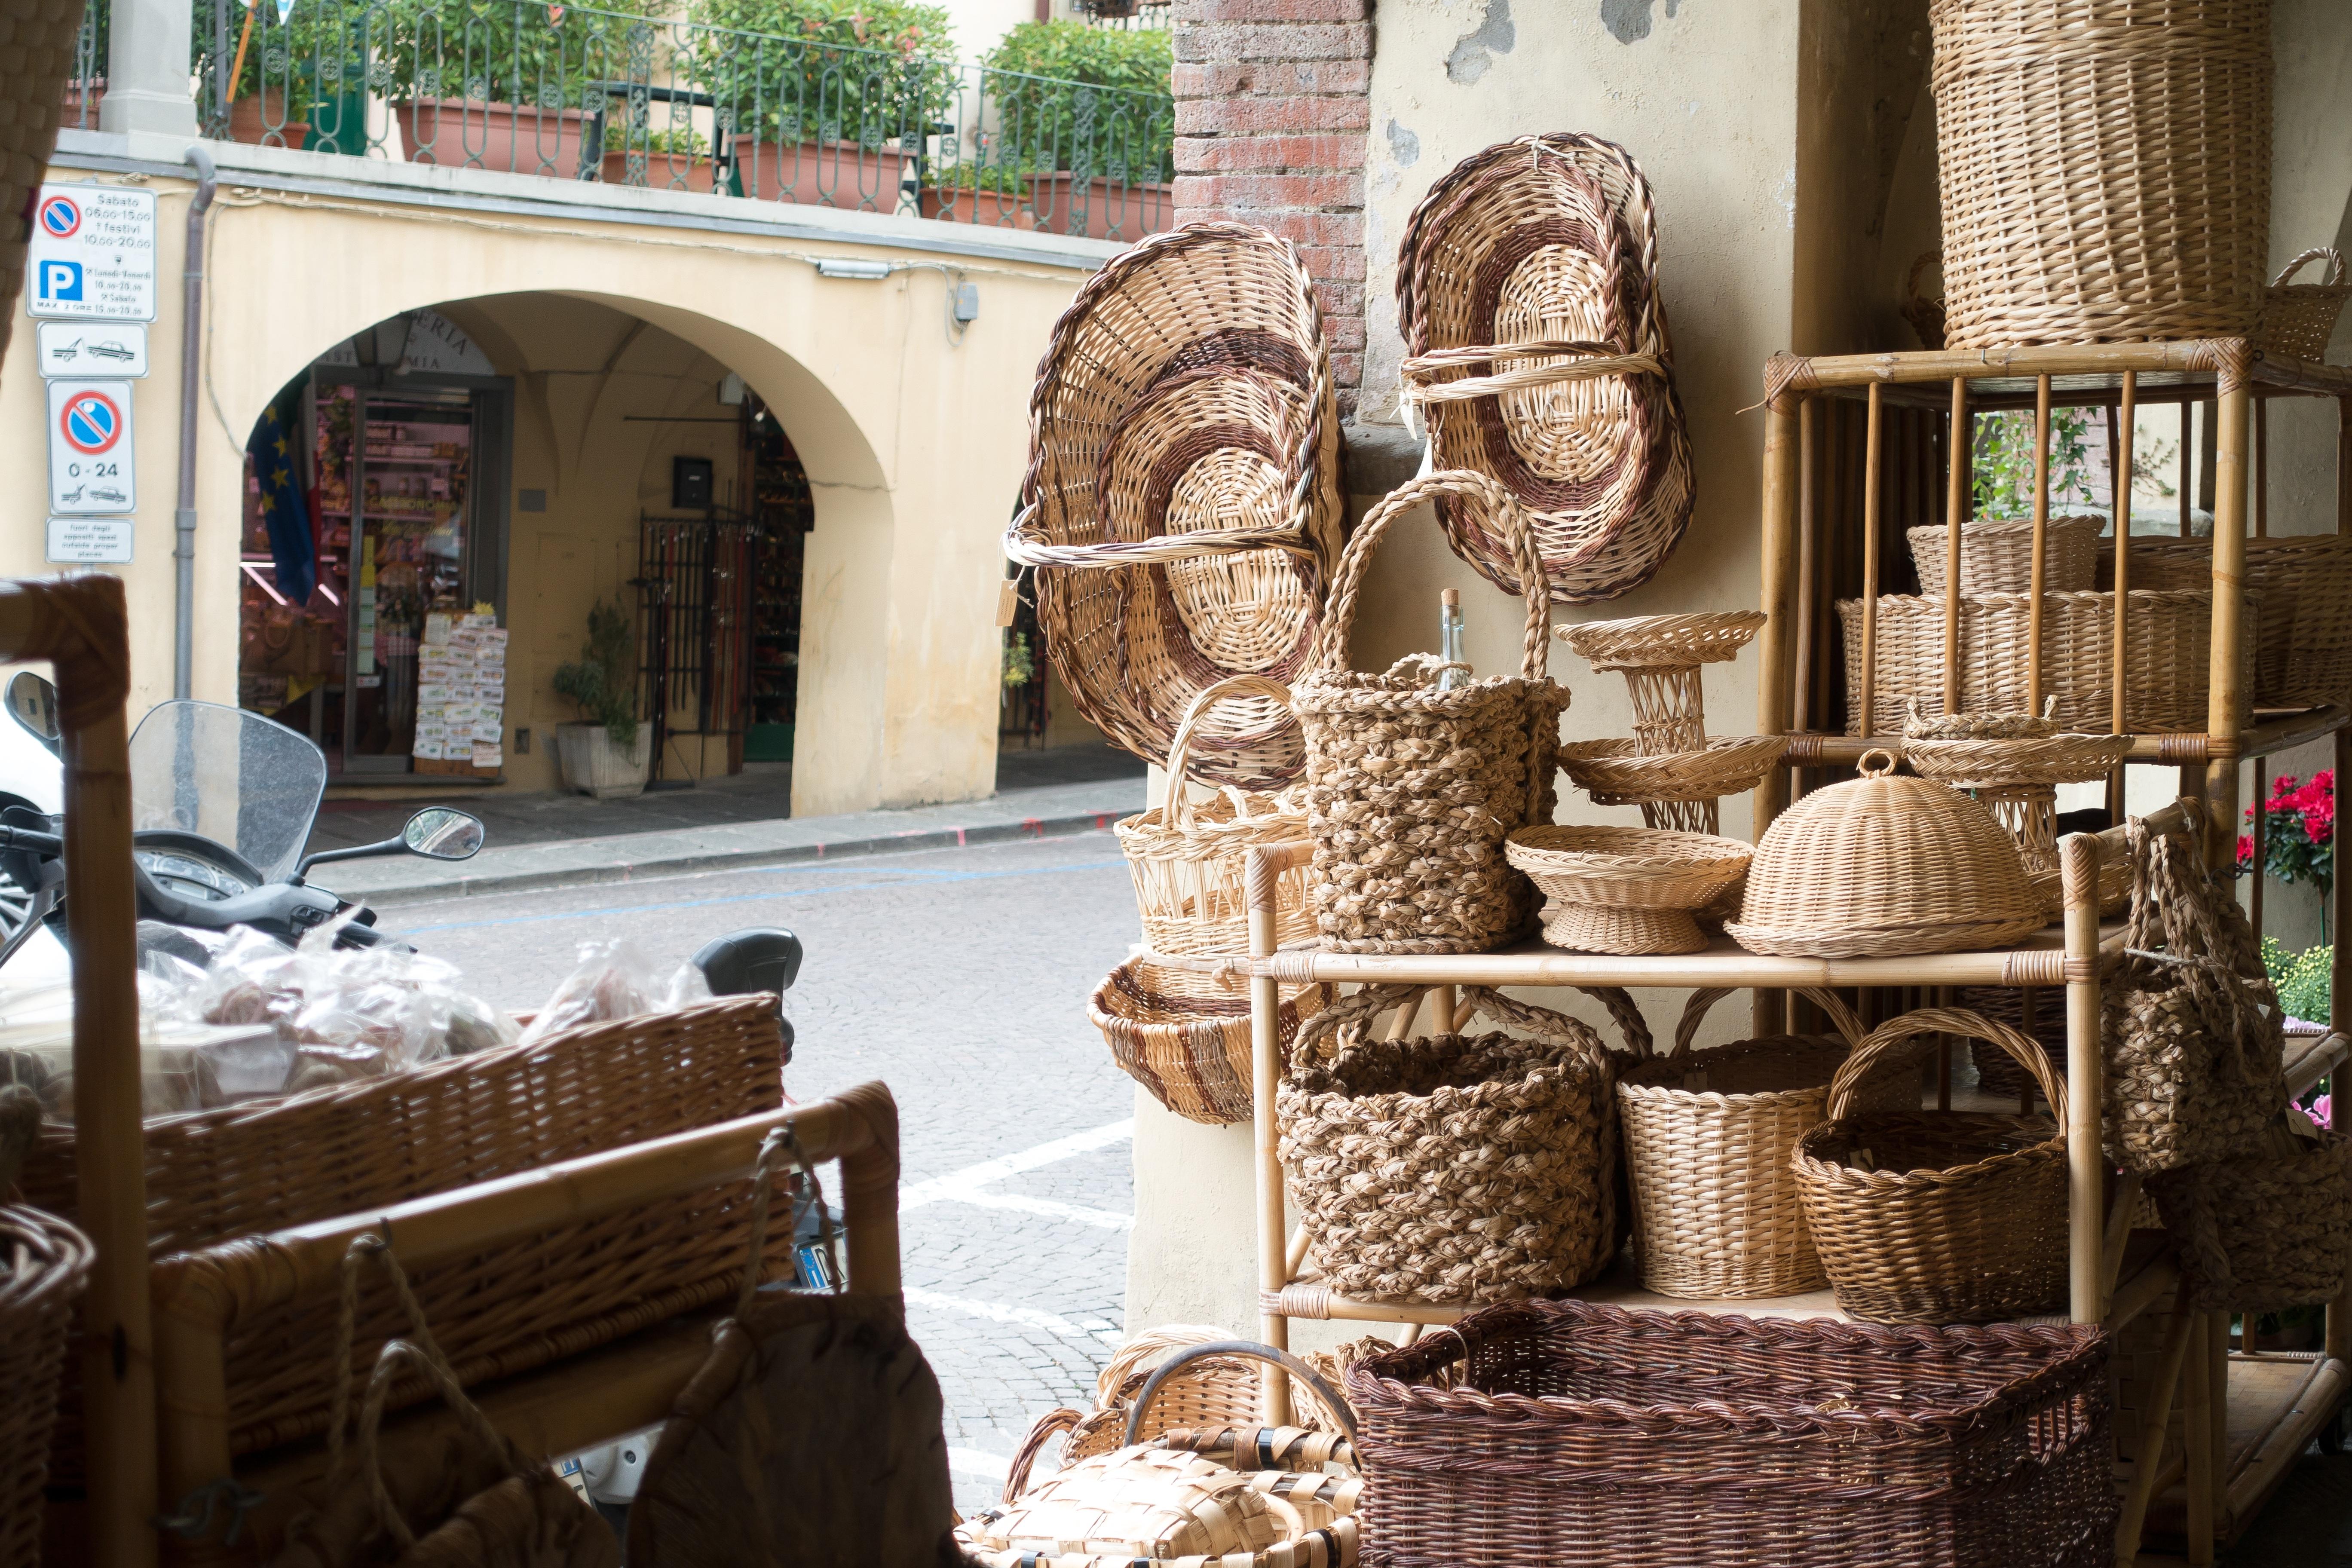 Gratis Afbeeldingen : muziek-, Italië, Toscane, markt, bedrijf, mand ...